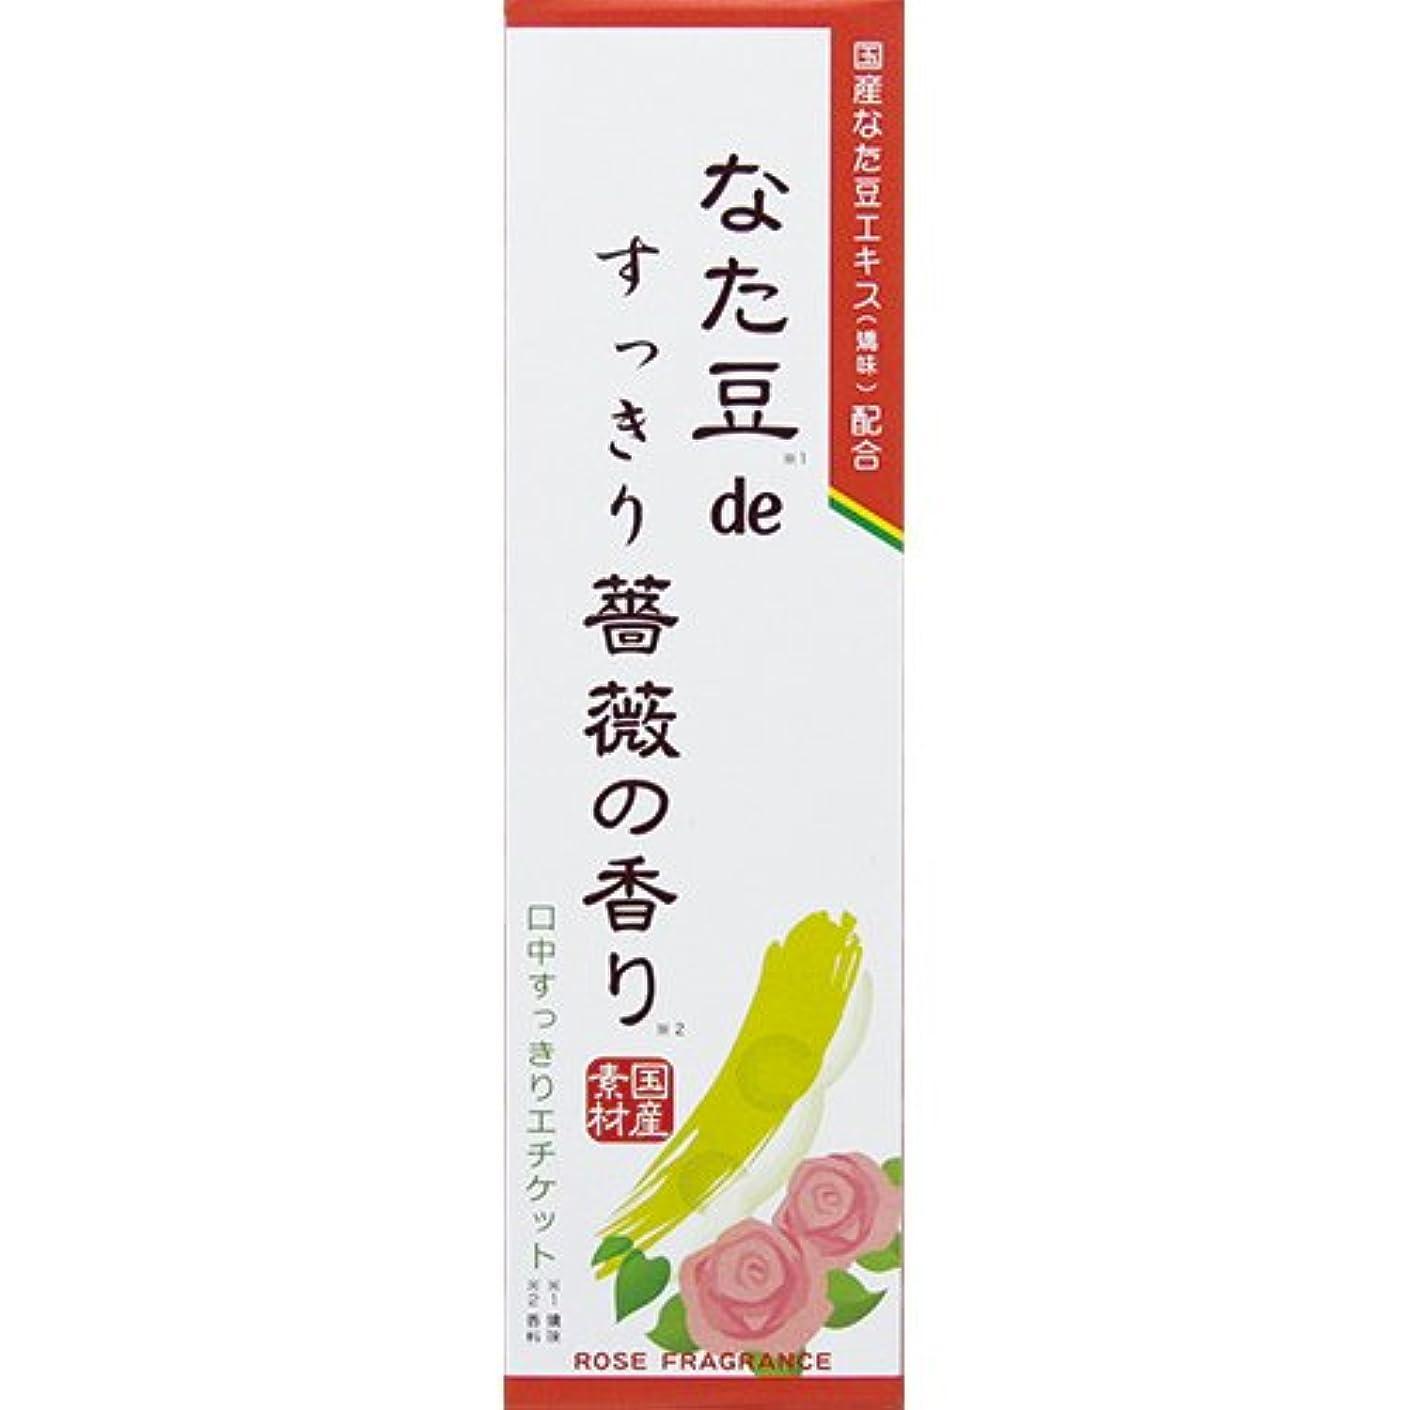 触覚過敏な物理なた豆deすっきり薔薇の香り 120g